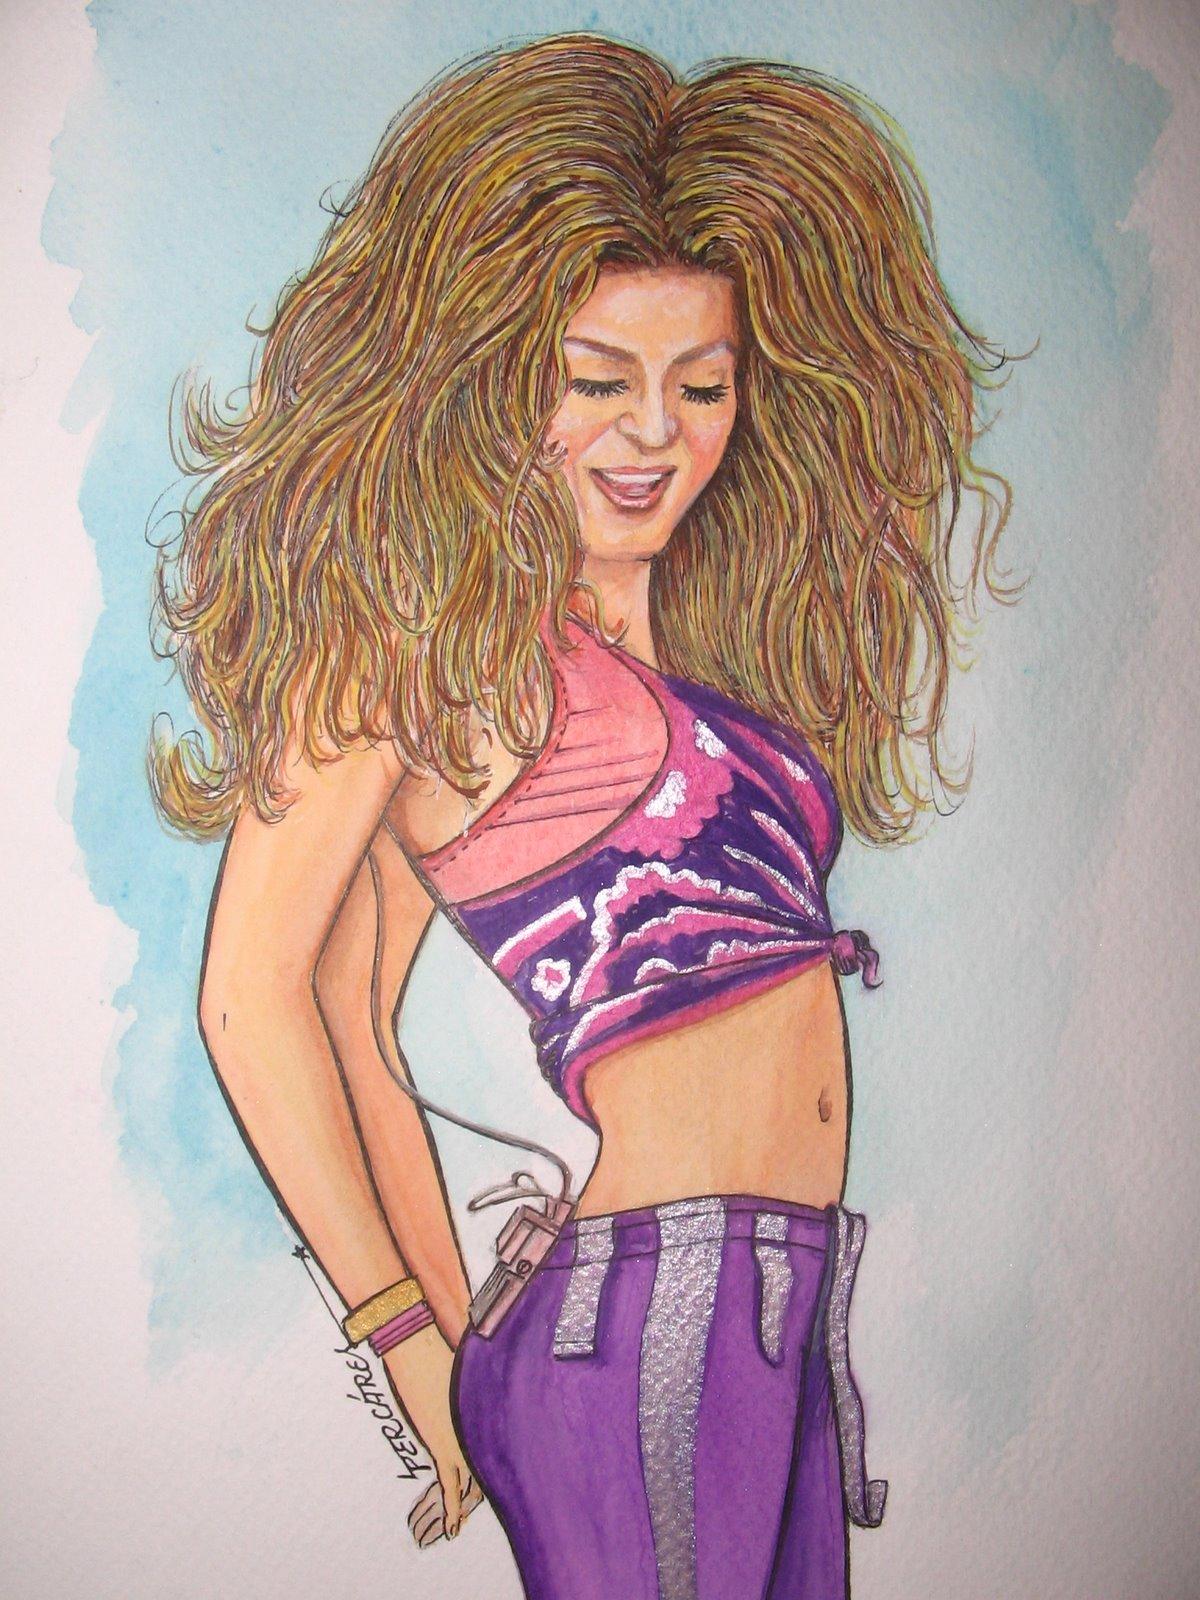 http://2.bp.blogspot.com/-MvC0woWCNeU/T5WafXhMhoI/AAAAAAAABp0/slP_o7eReWI/s1600/Shakira.JPG